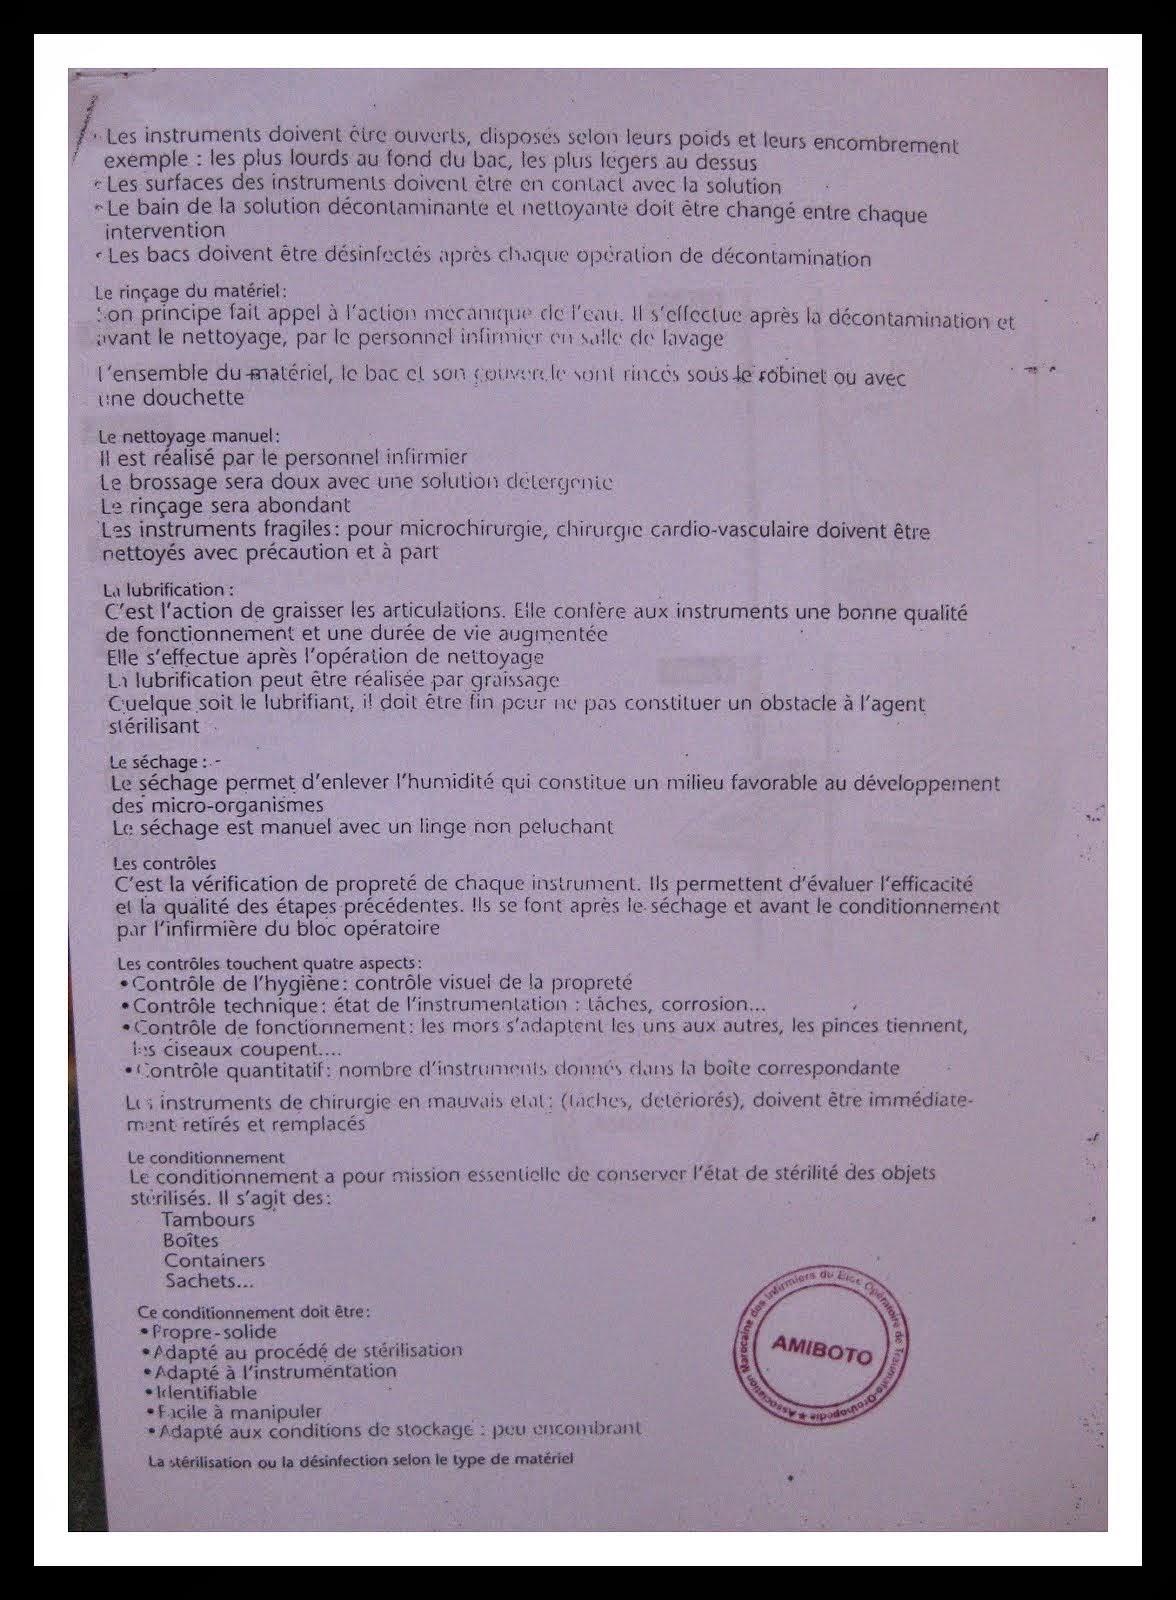 TRAITEMENT DE L INSTRUMENTATION UTILISEE AU BLOC OERTOIRE